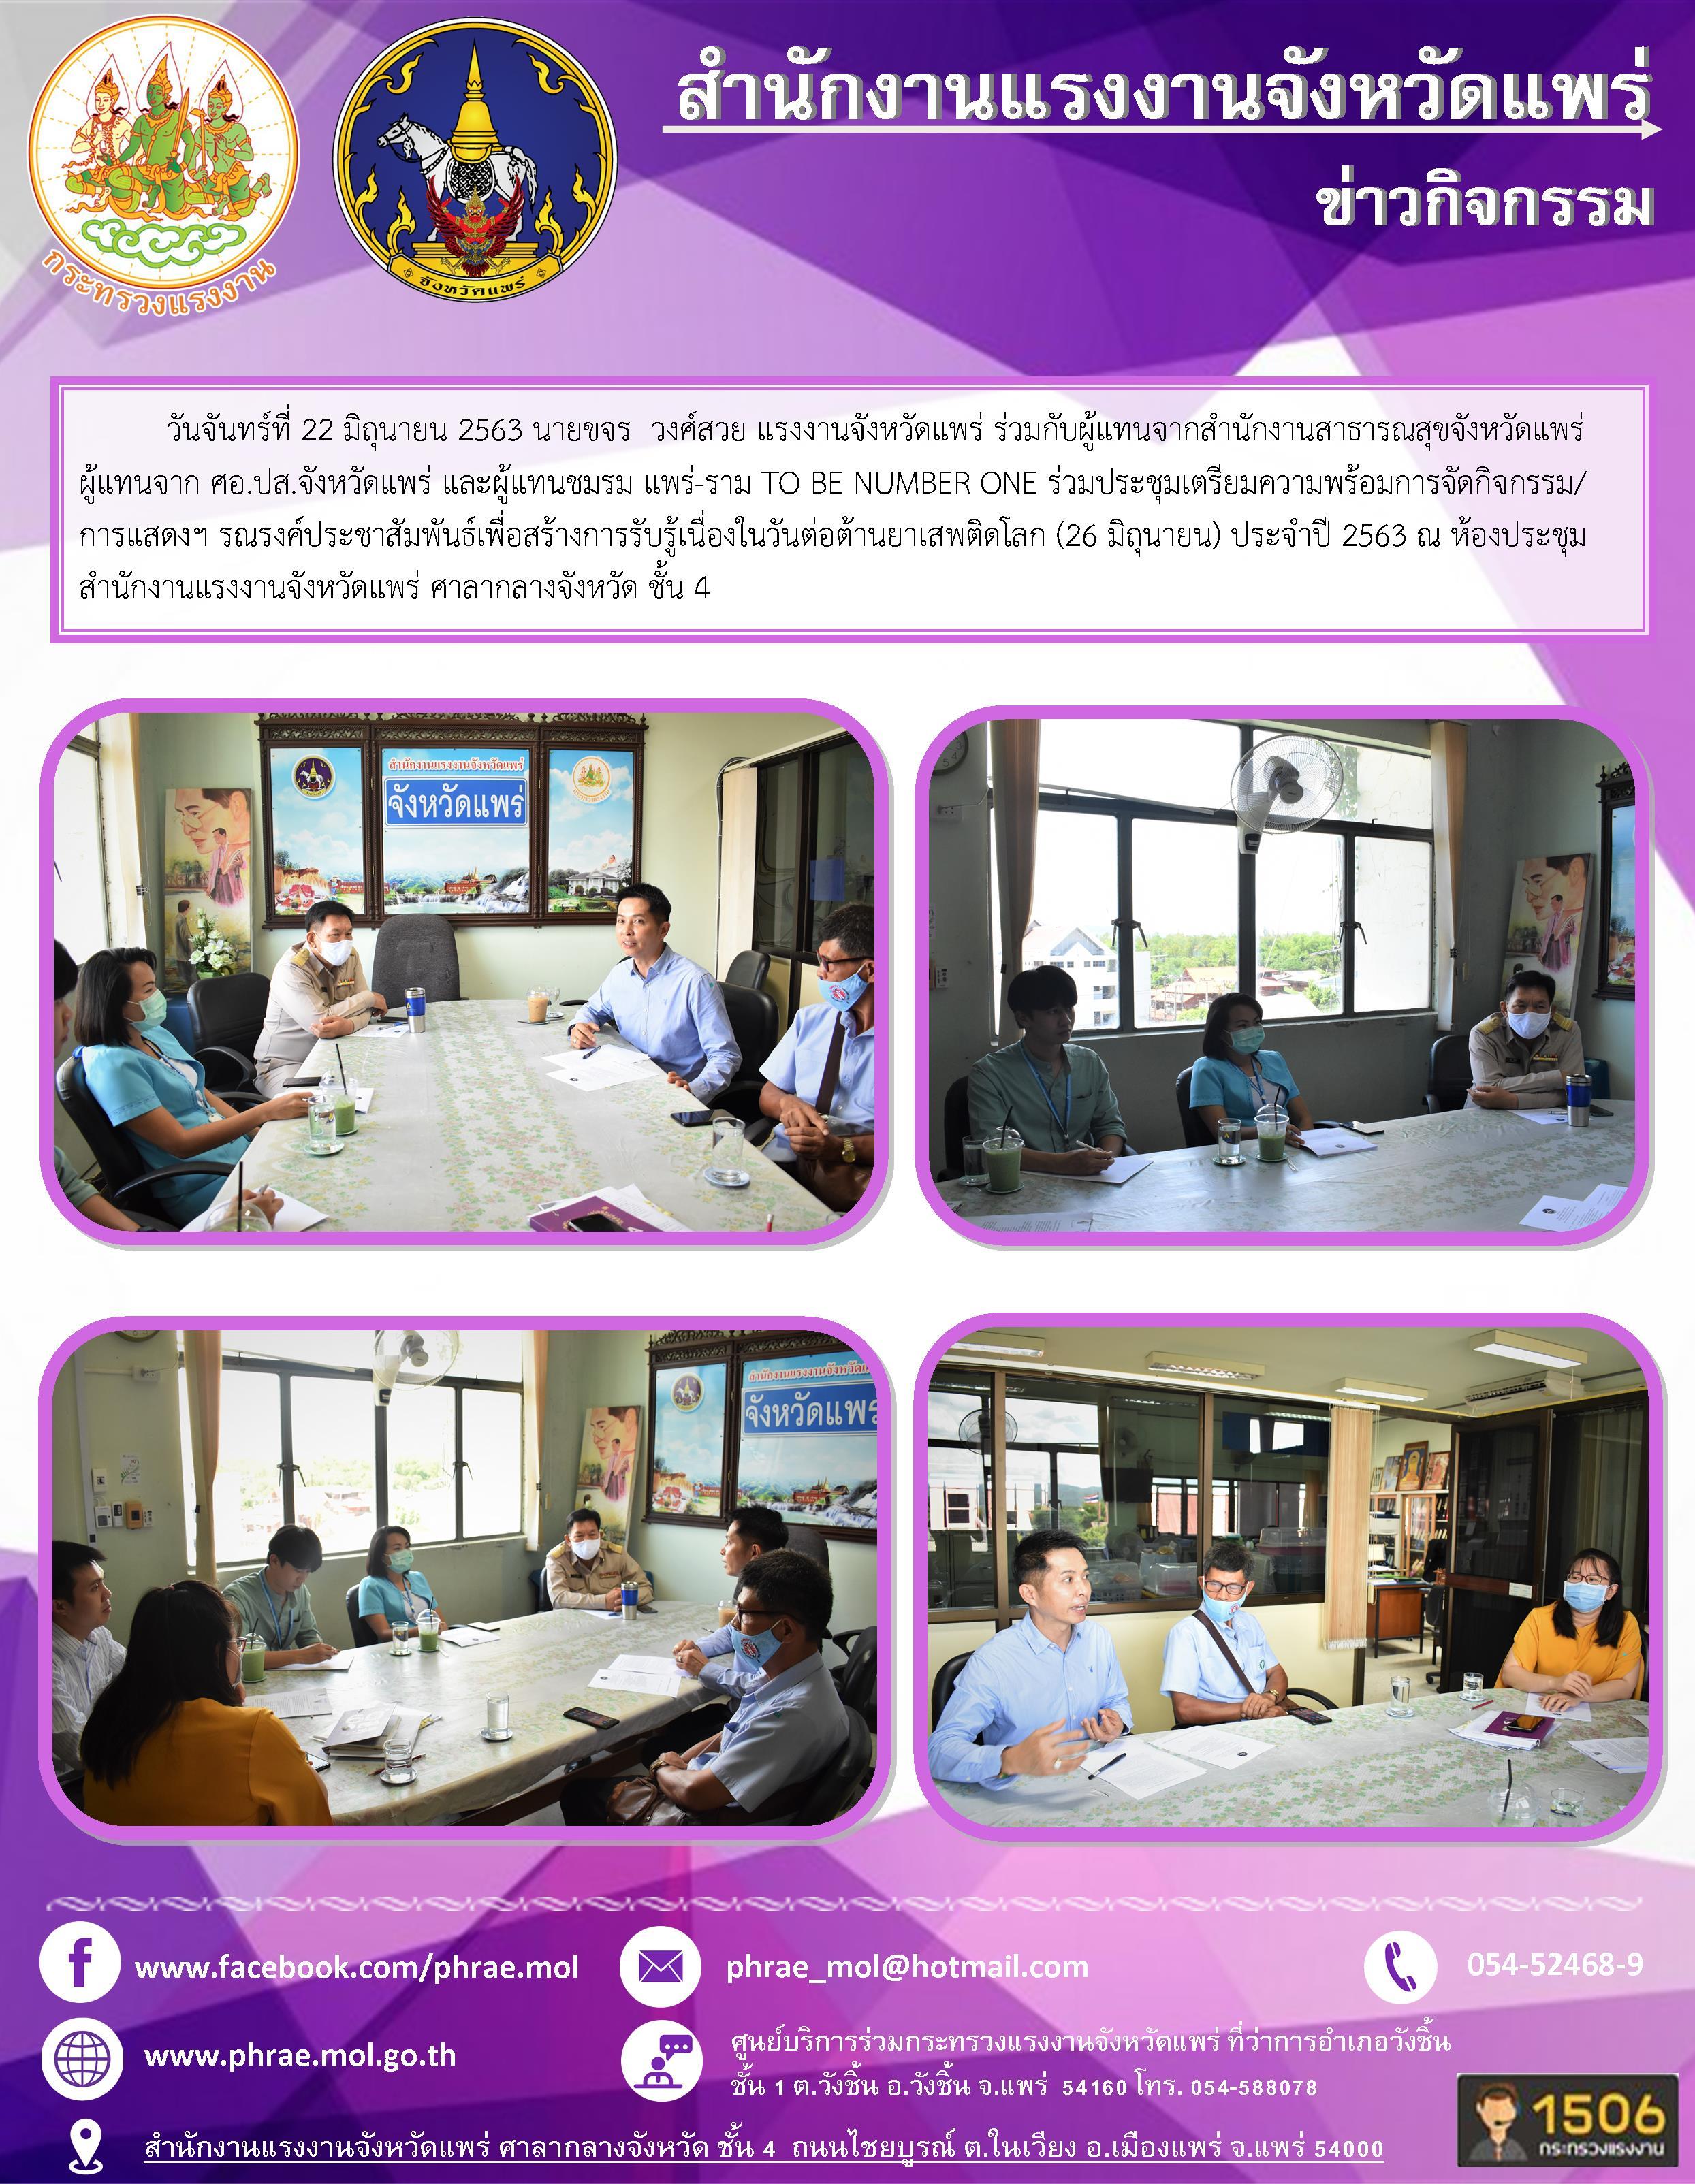 ประชุมเตรียมความพร้อมการจัดกิจกรรม/ การแสดงฯ รณรงค์ประชาสัมพันธ์เพื่อสร้างการรับรู้เนื่องในวันต่อต้านยาเสพติดโลก (26 มิถุนายน) ประจำปี 2563